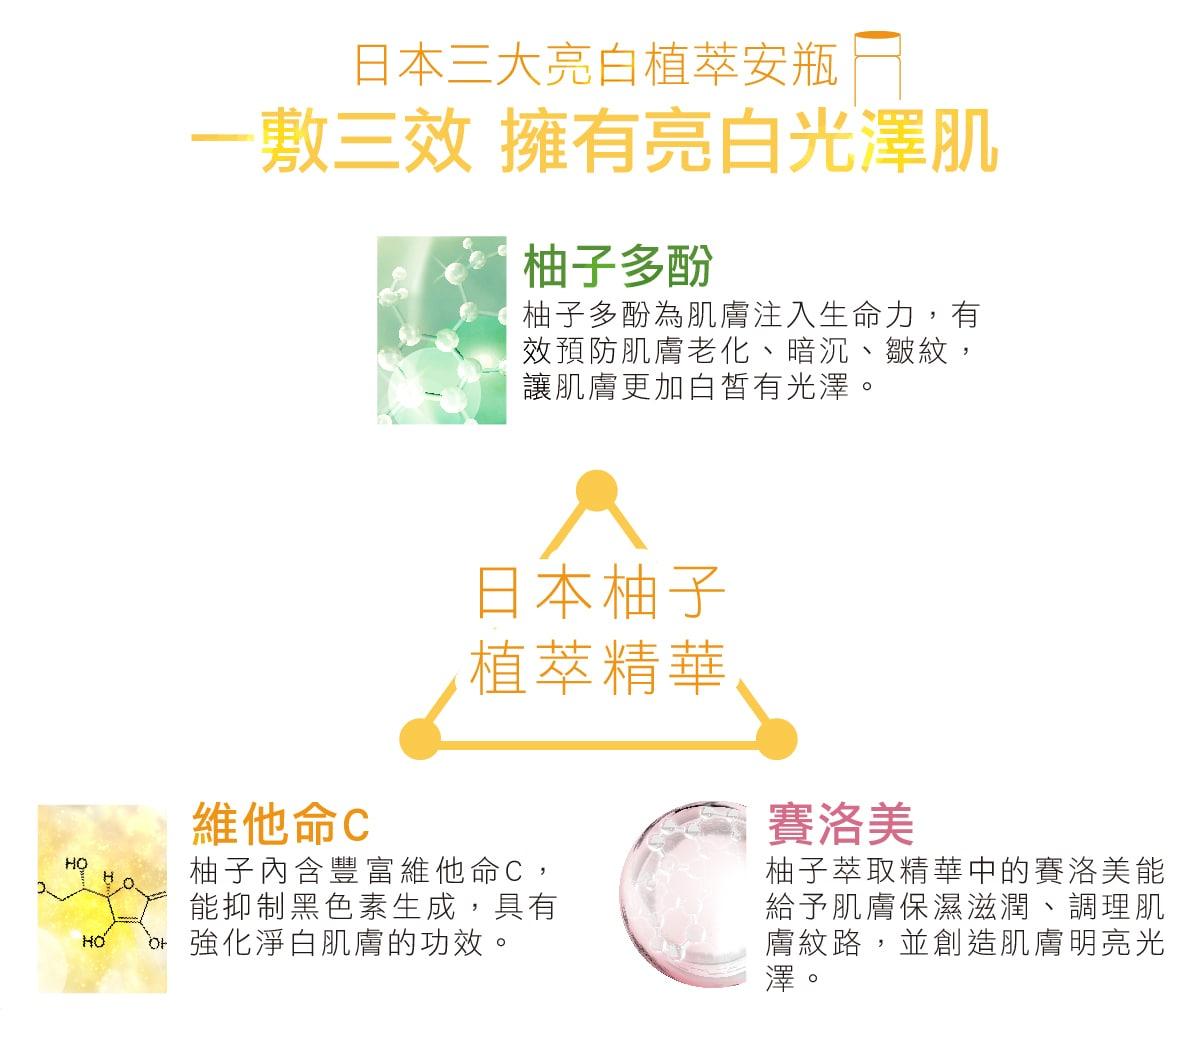 Skin Brighten Up Mask - Ingredient